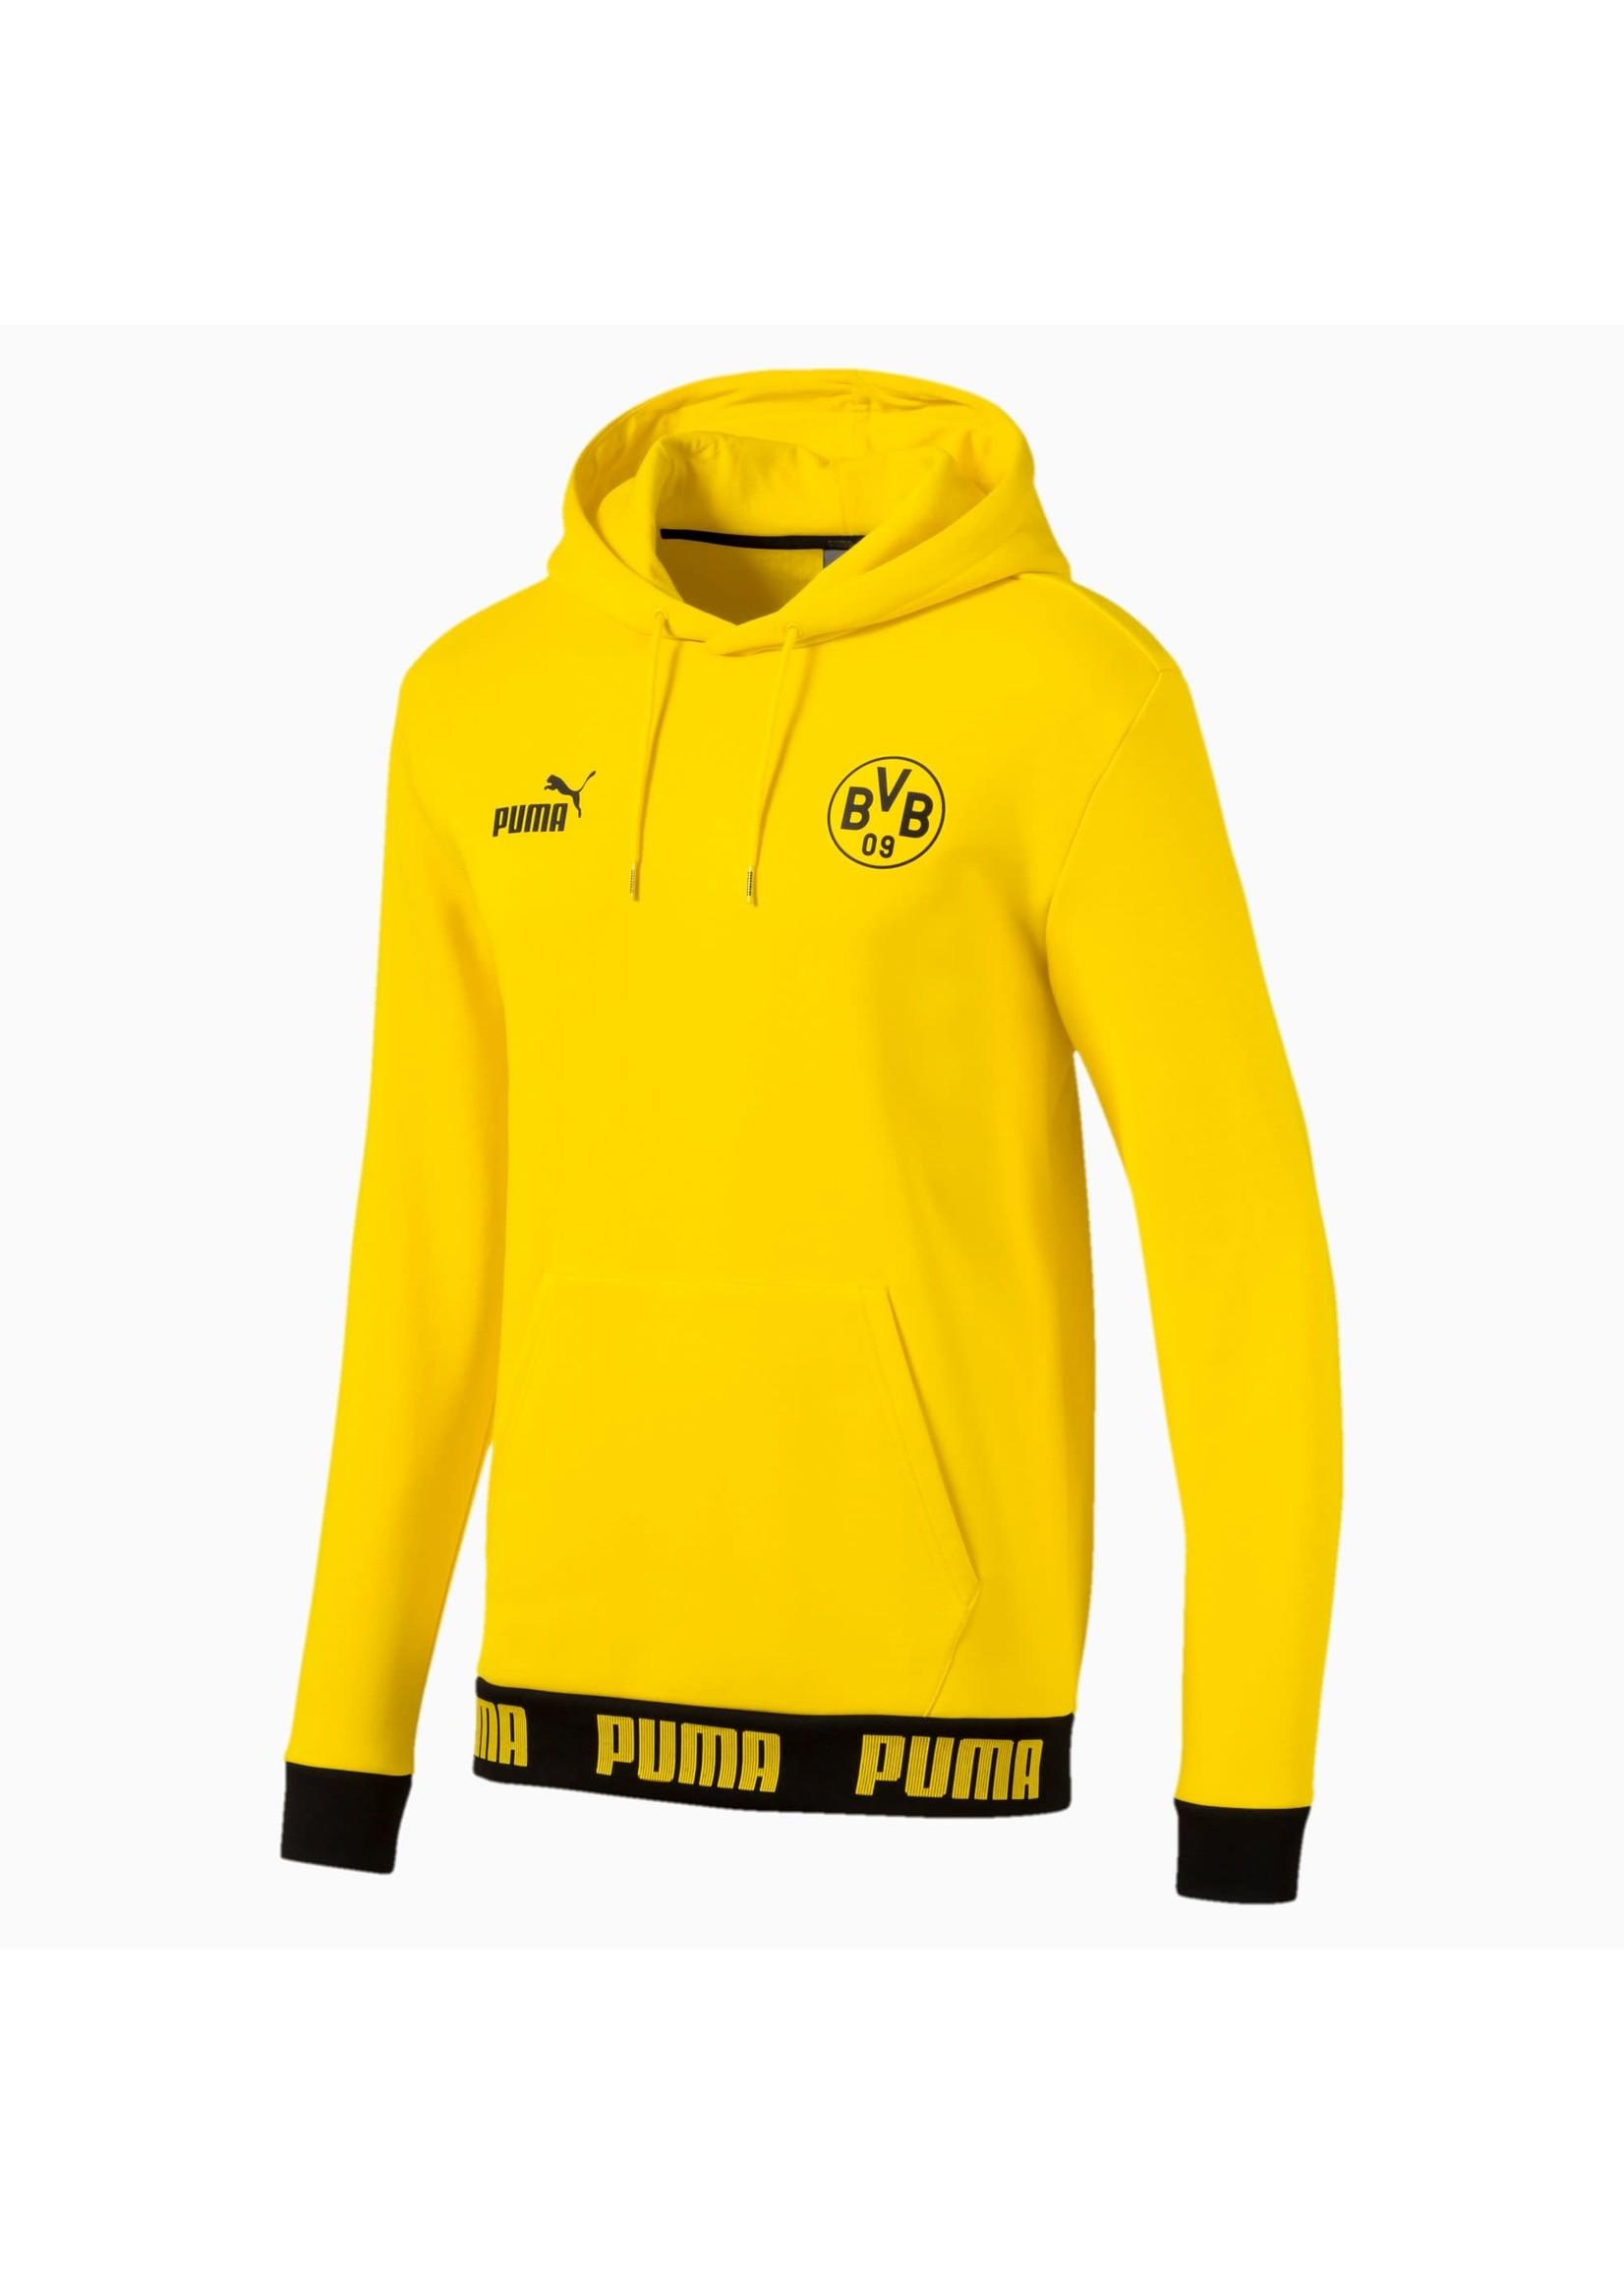 Puma Borussia Dortmund Hoodie - 19/20 Home